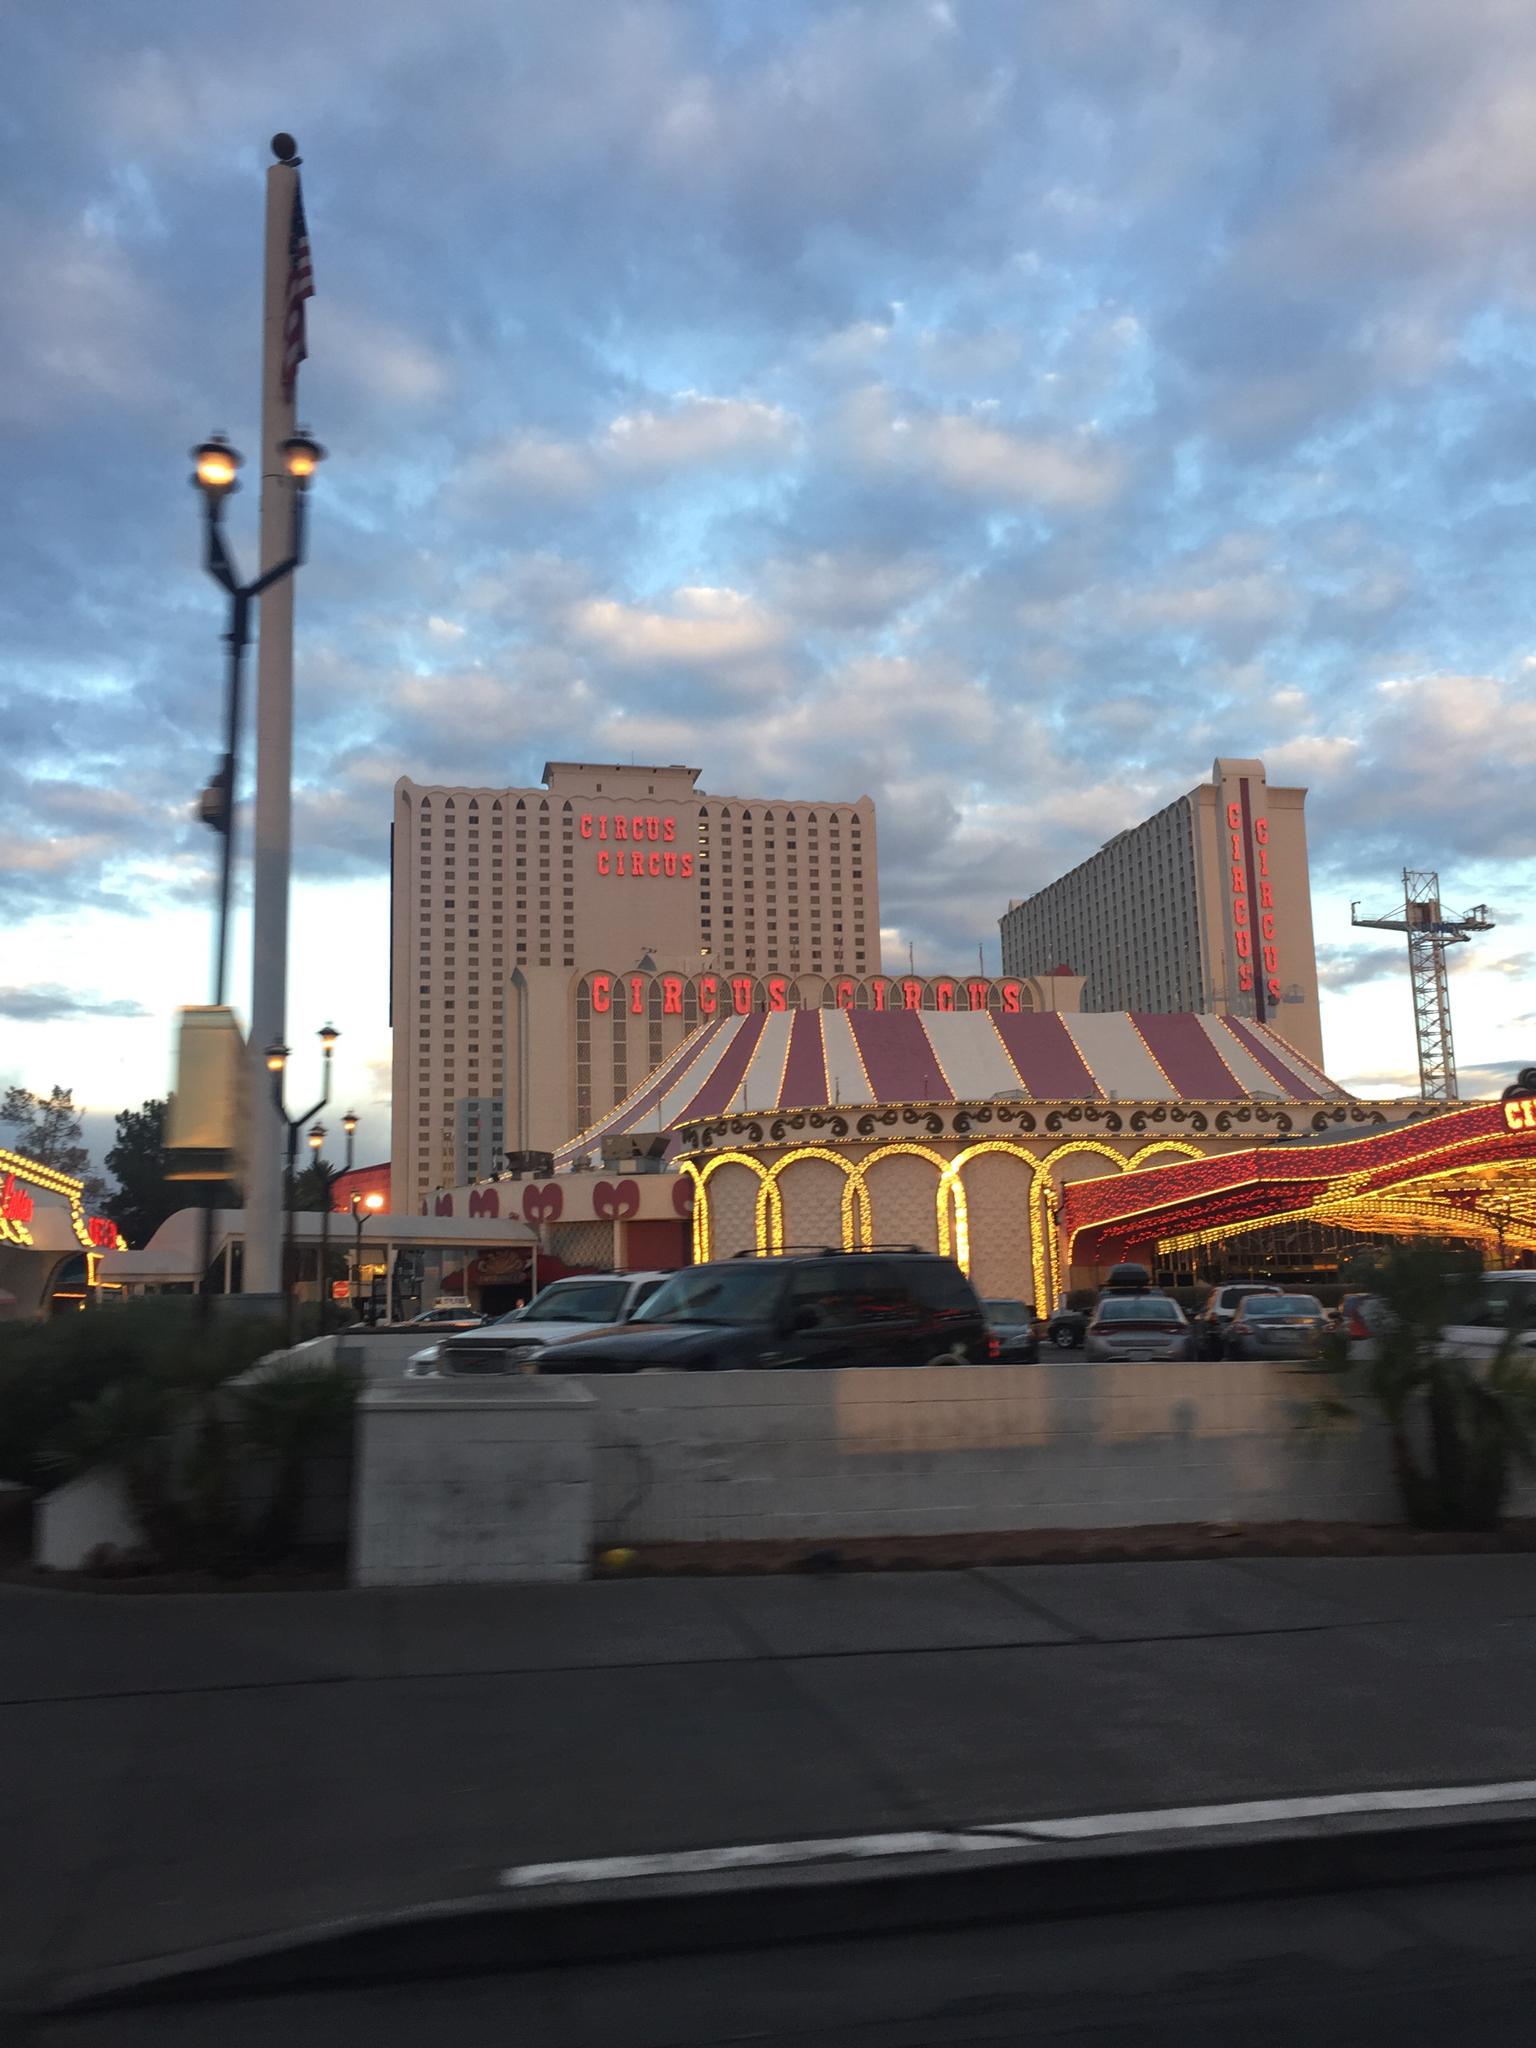 Eyeglass Repair Las Vegas Nevada : Circus Circus Hotel & Casino Las Vegas, NV 89109 - YP.com